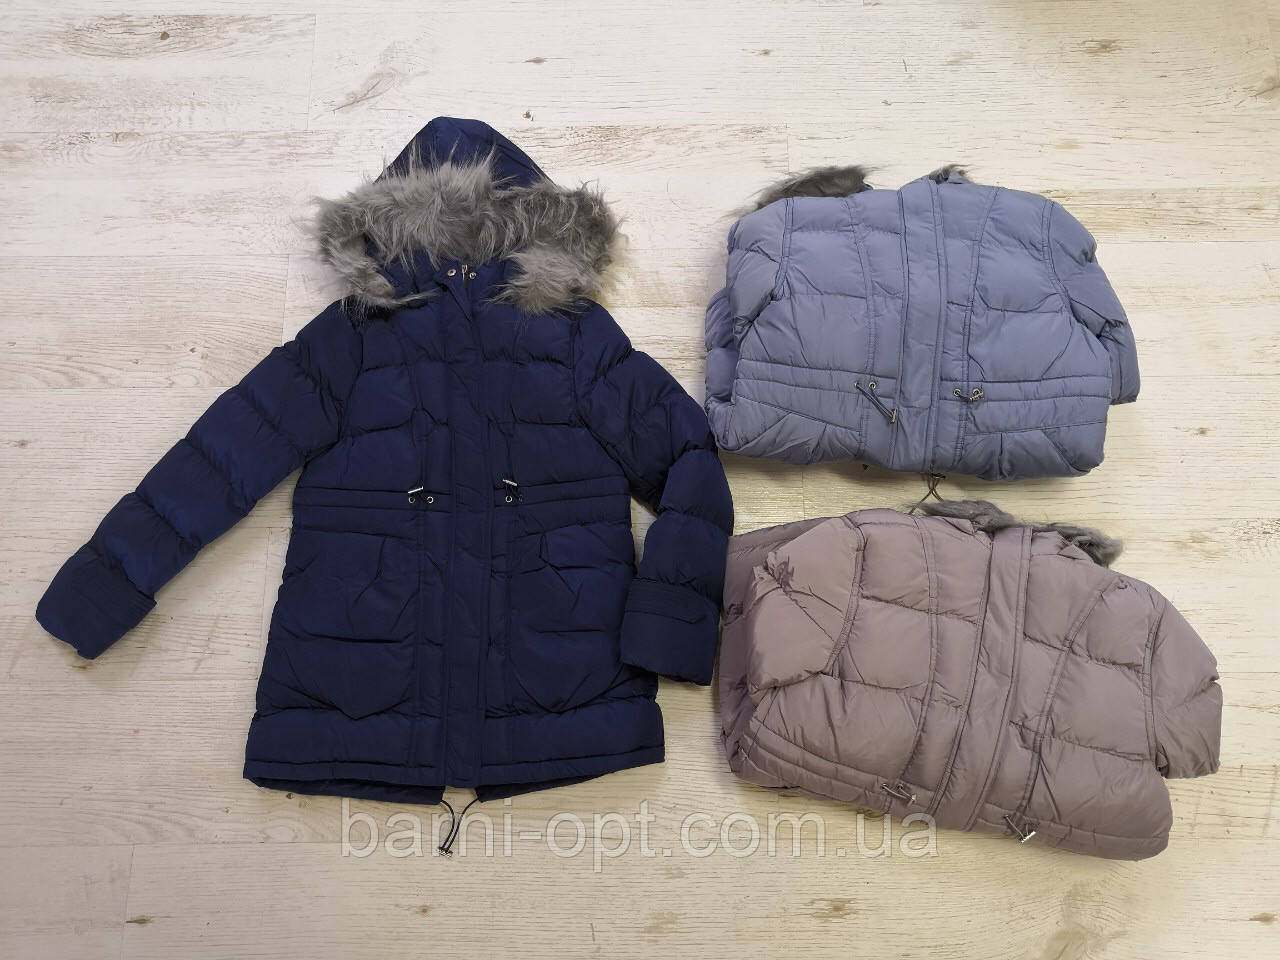 Зимняя куртка-пальто  на девочку оптом, Glo-story, в остатке 146/152,170 рр